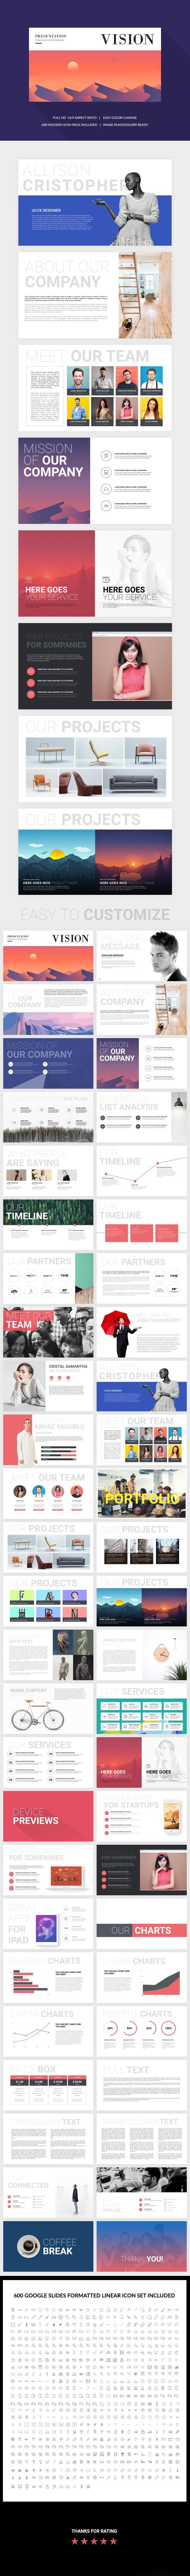 Vision Google Slides Template - Google Slides Presentation Templates